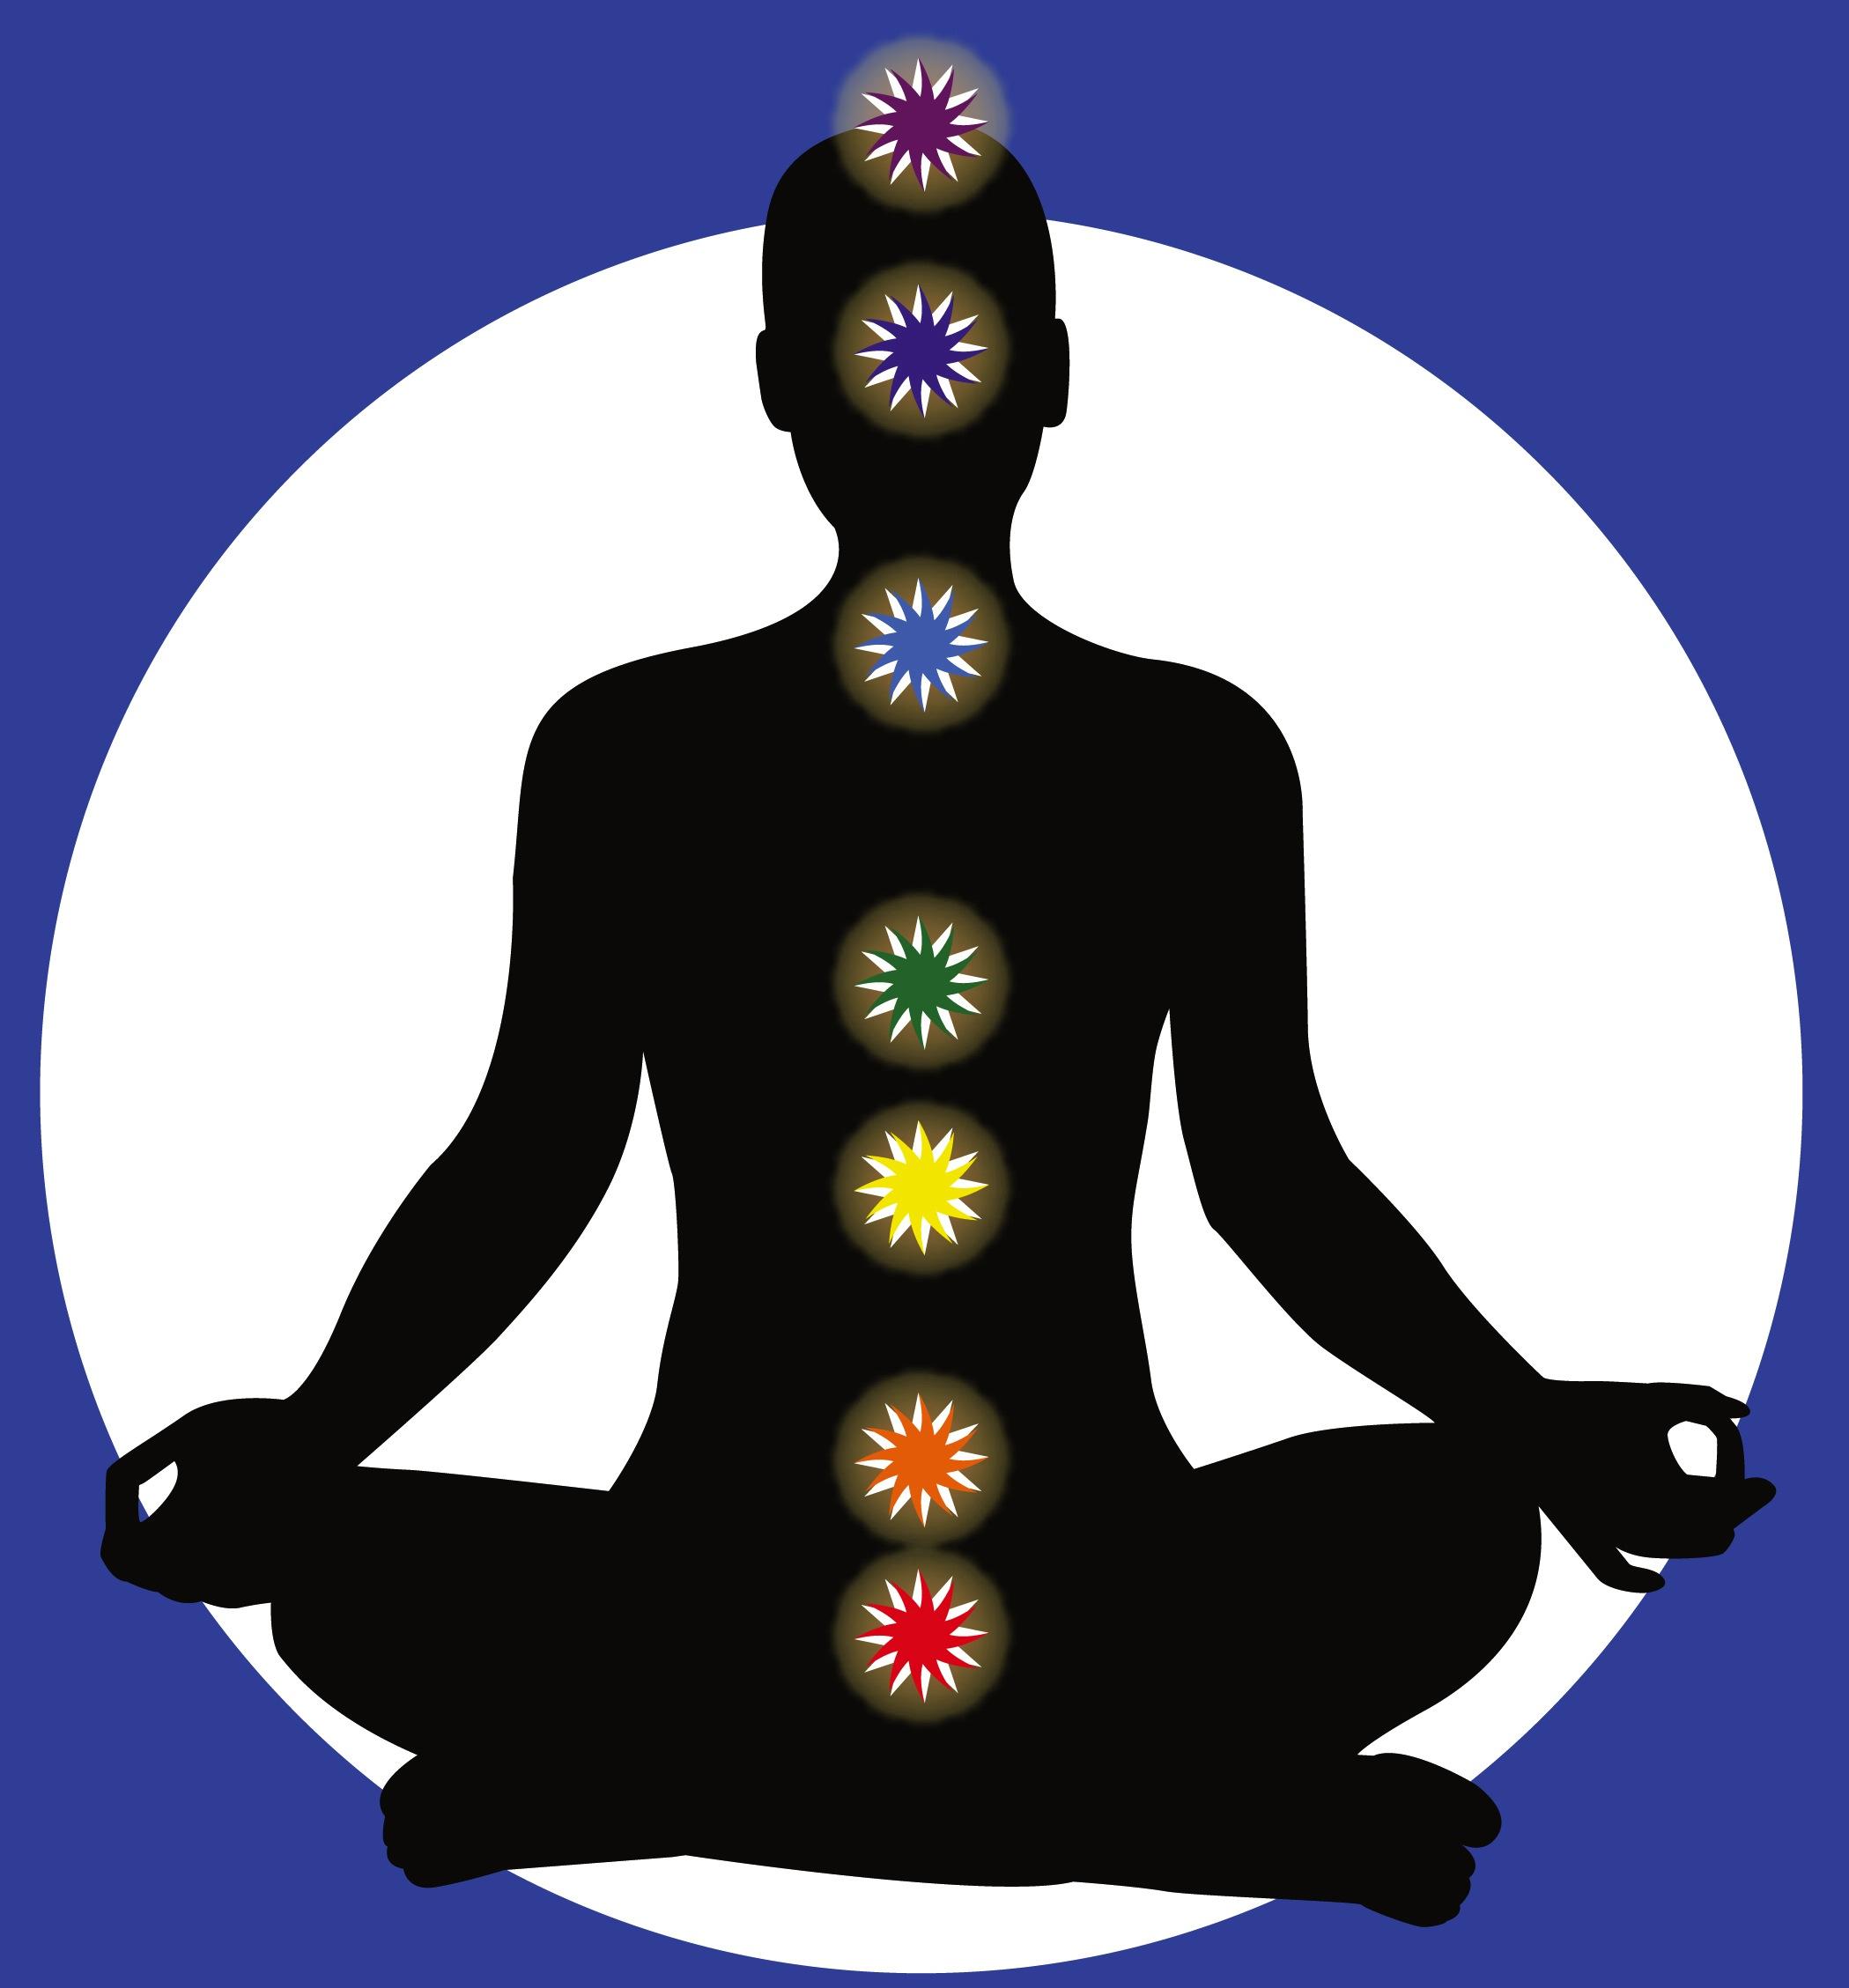 kundalini-yoga-yogi-bhajan